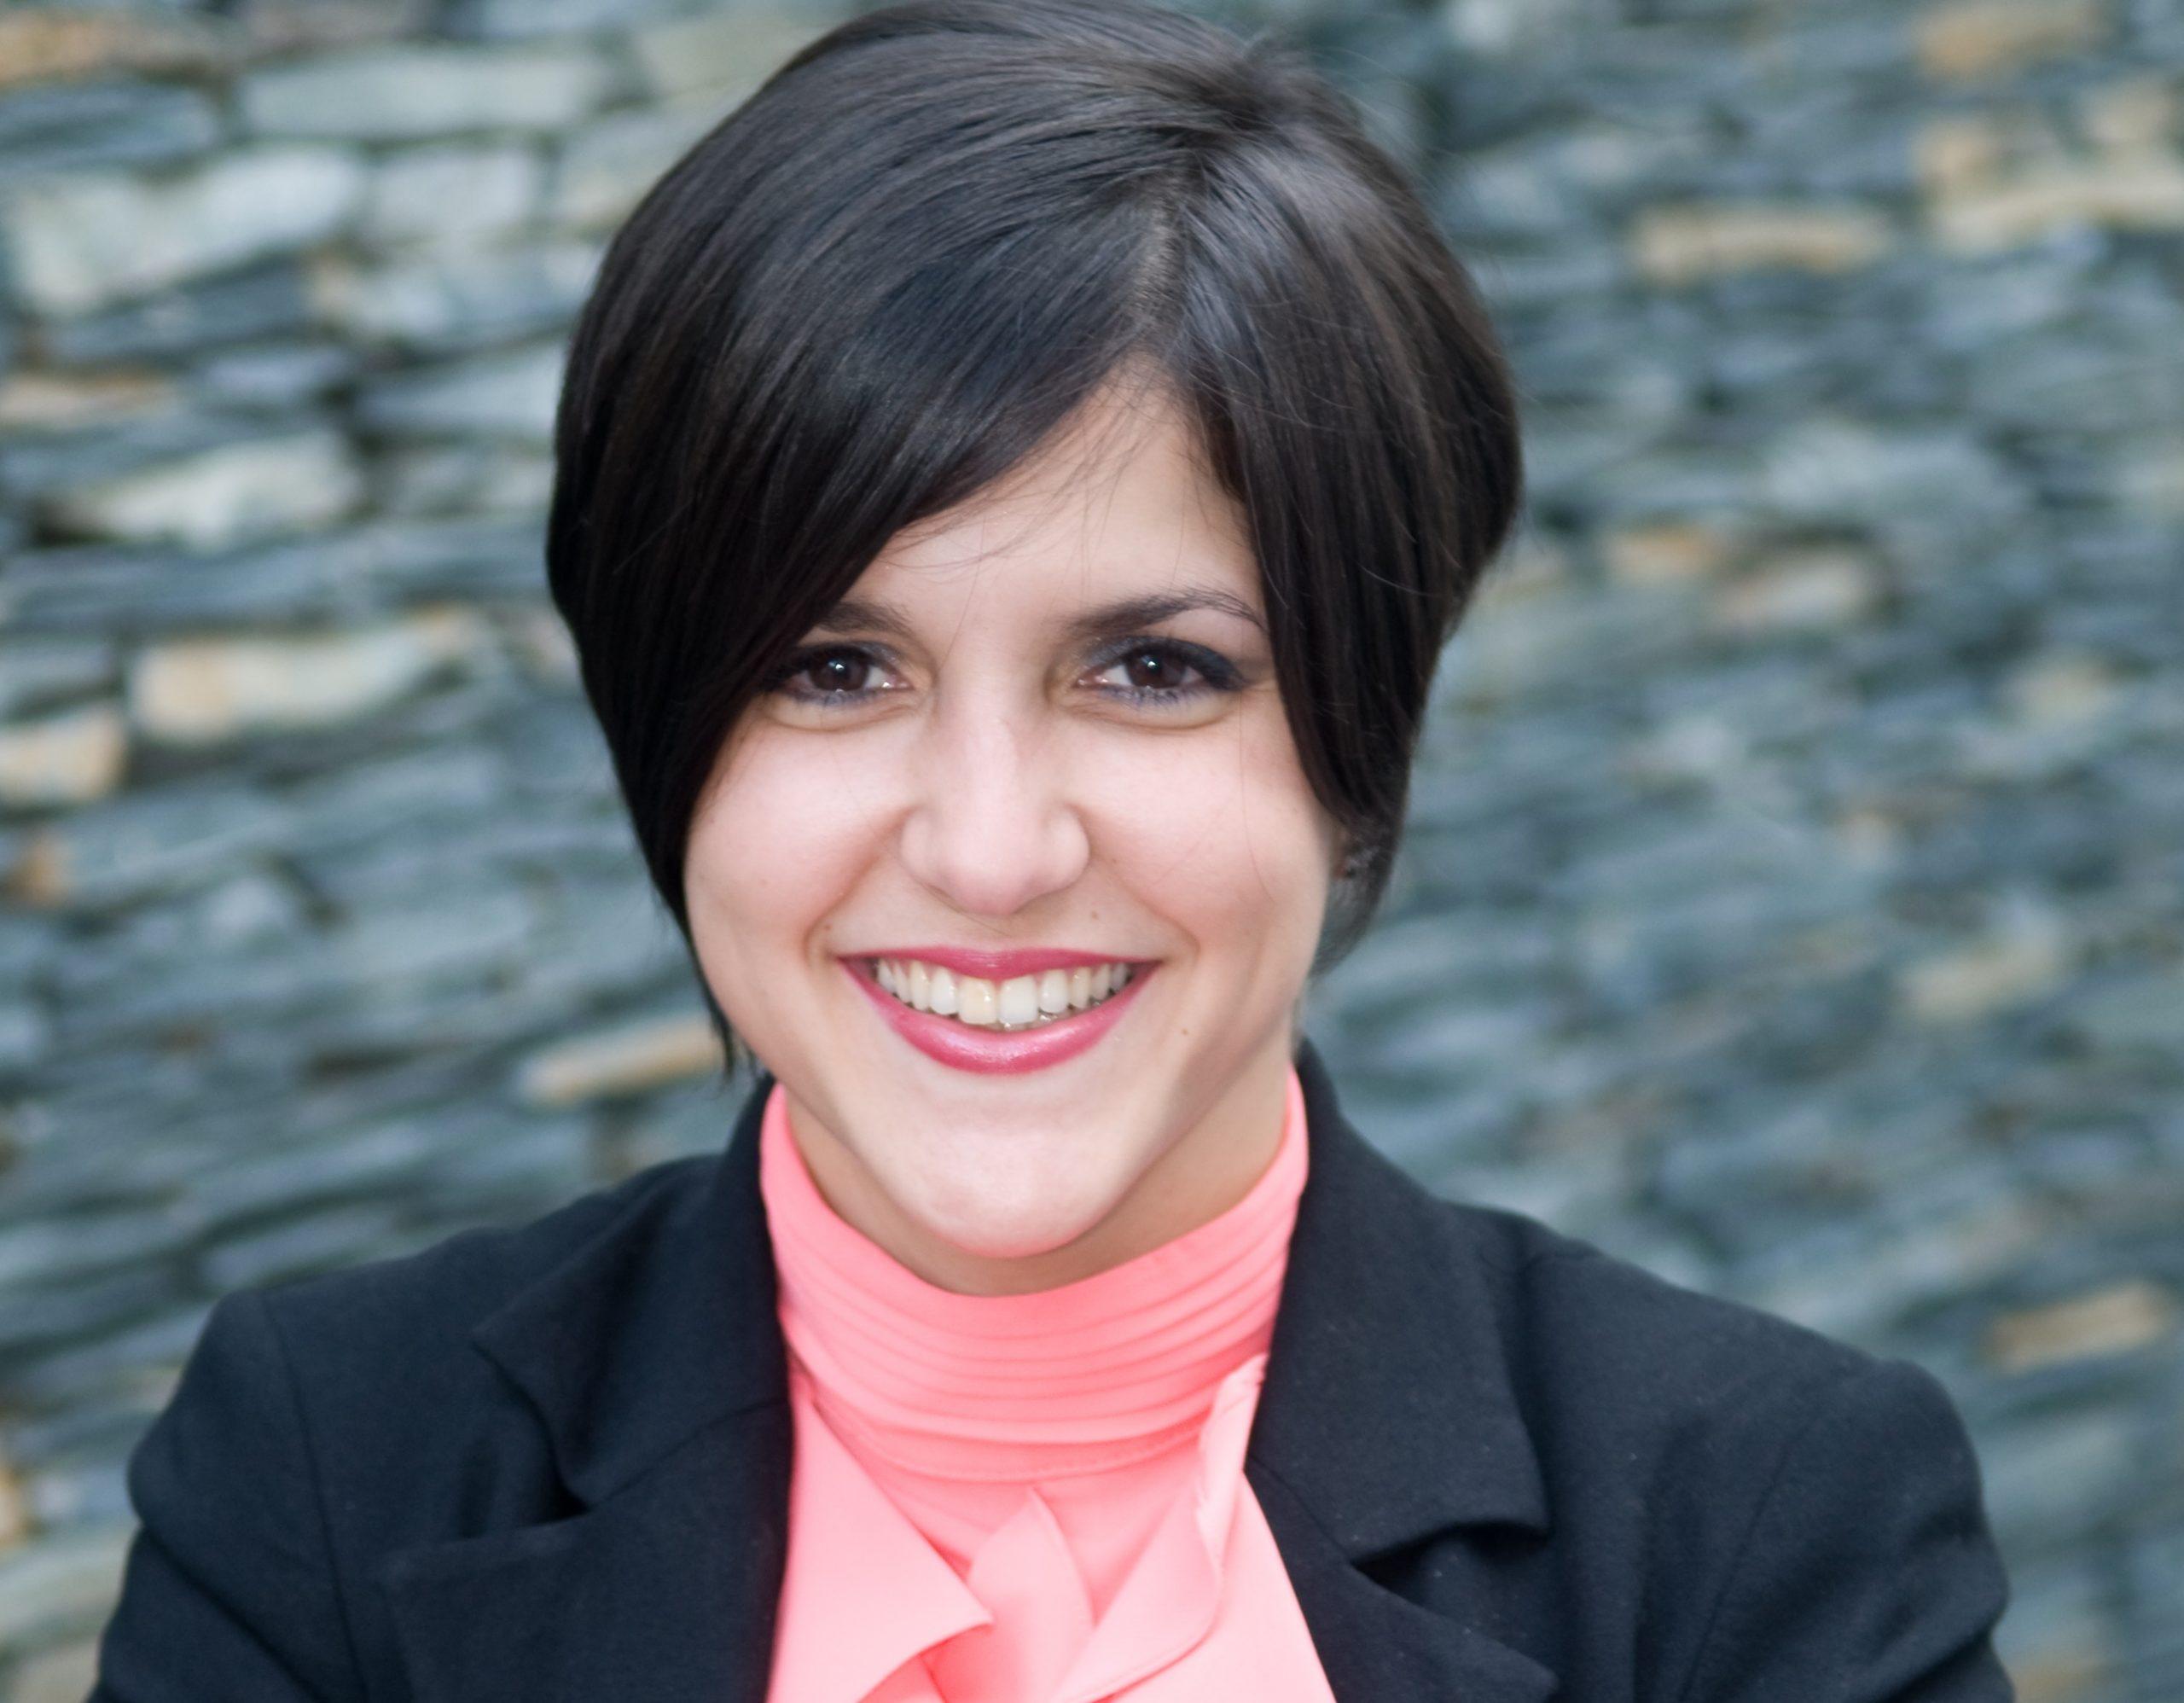 Biviana Riveiro, presidenta de ANJE.